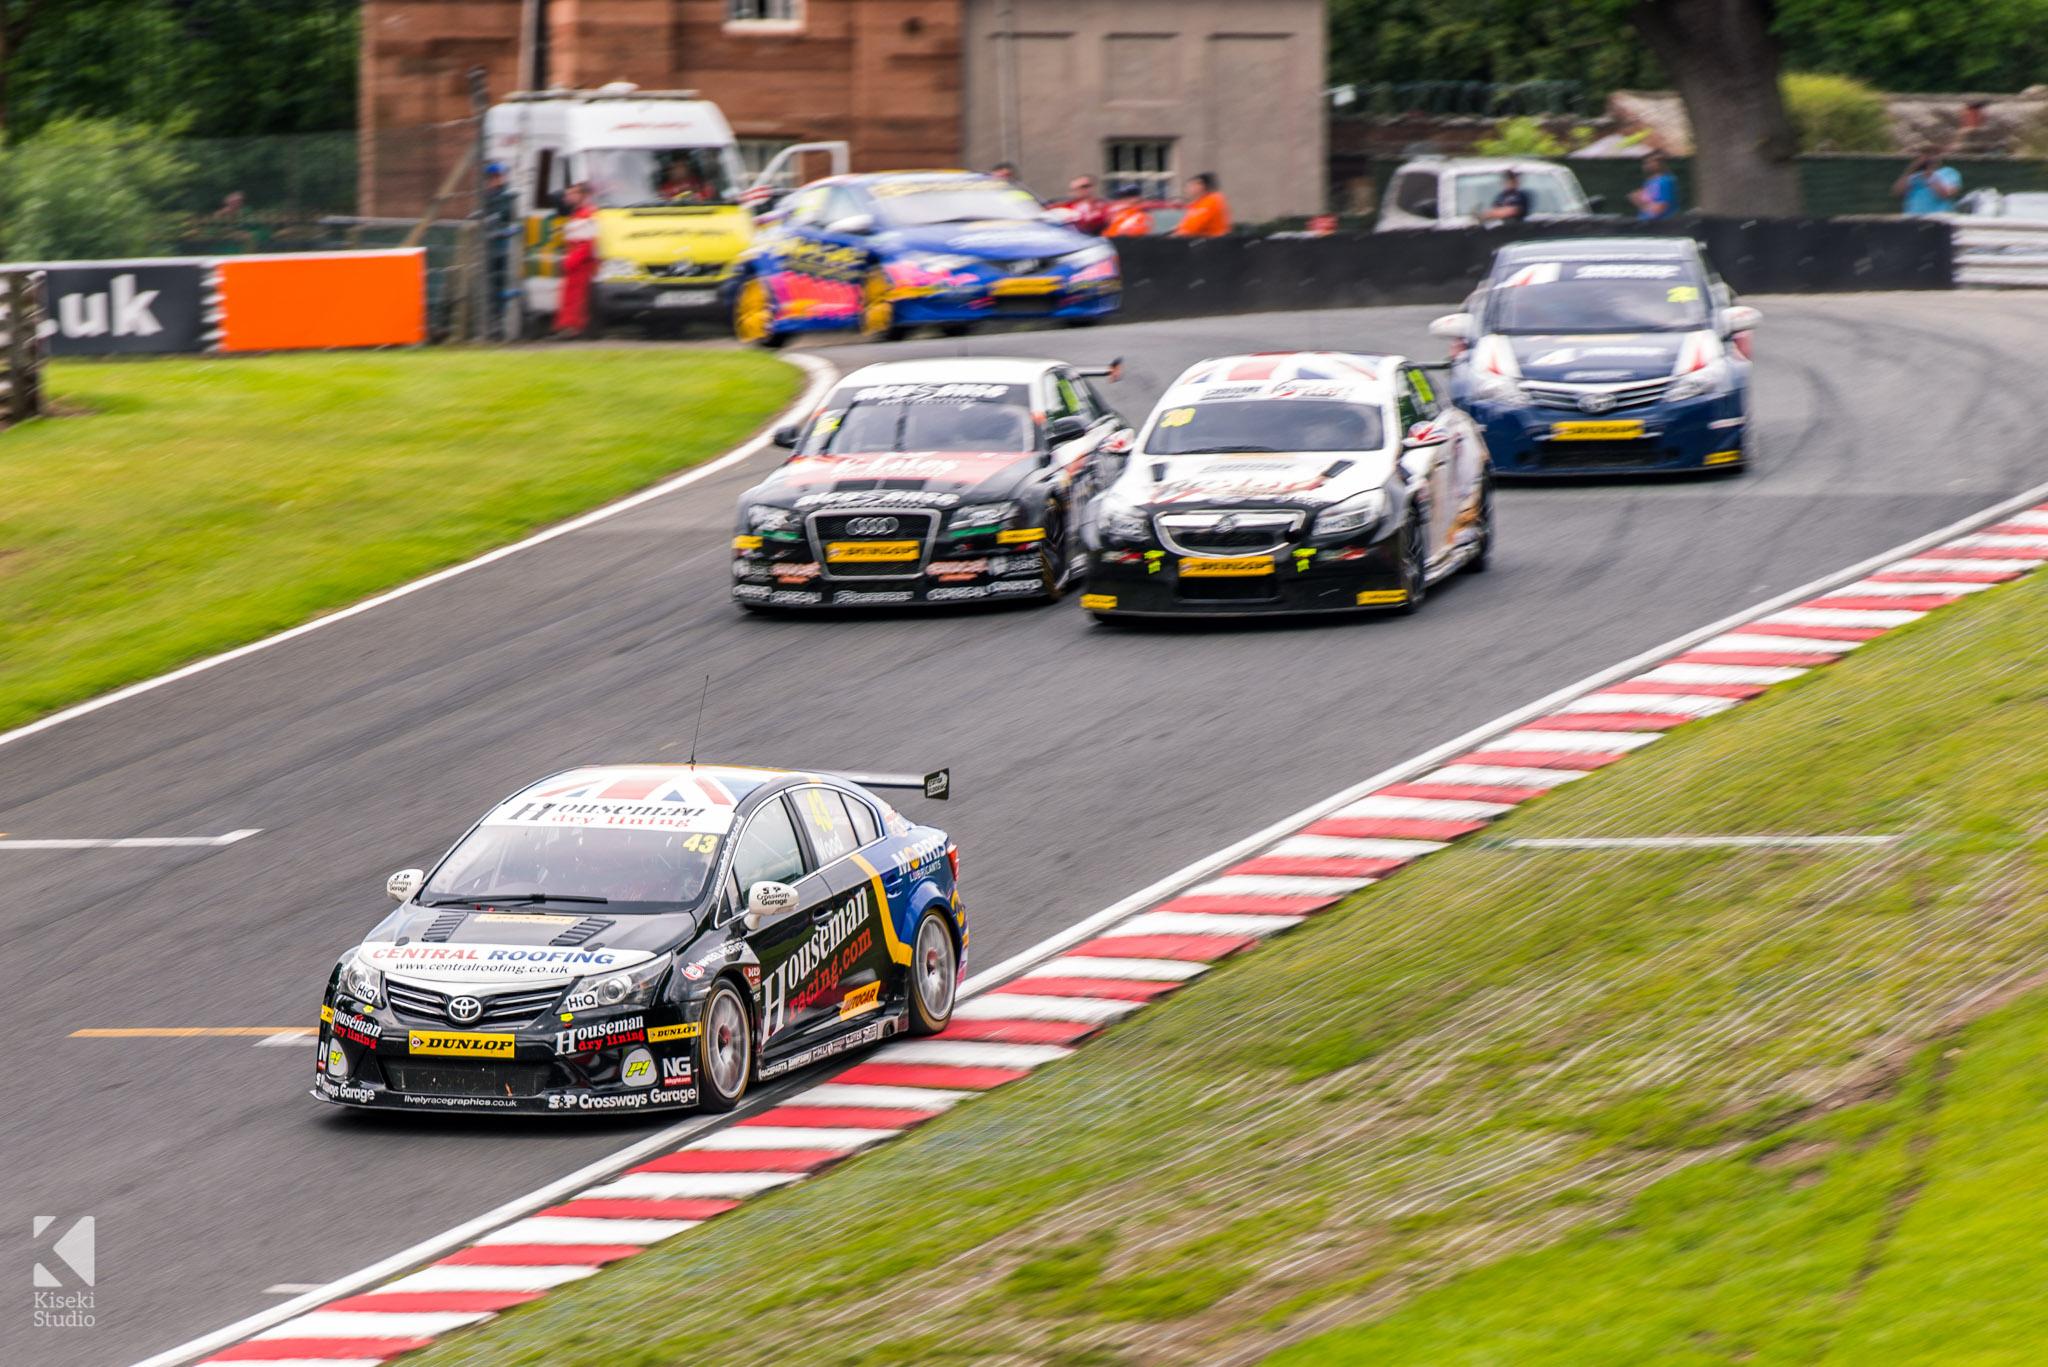 BTCC close racing at Oulton Park